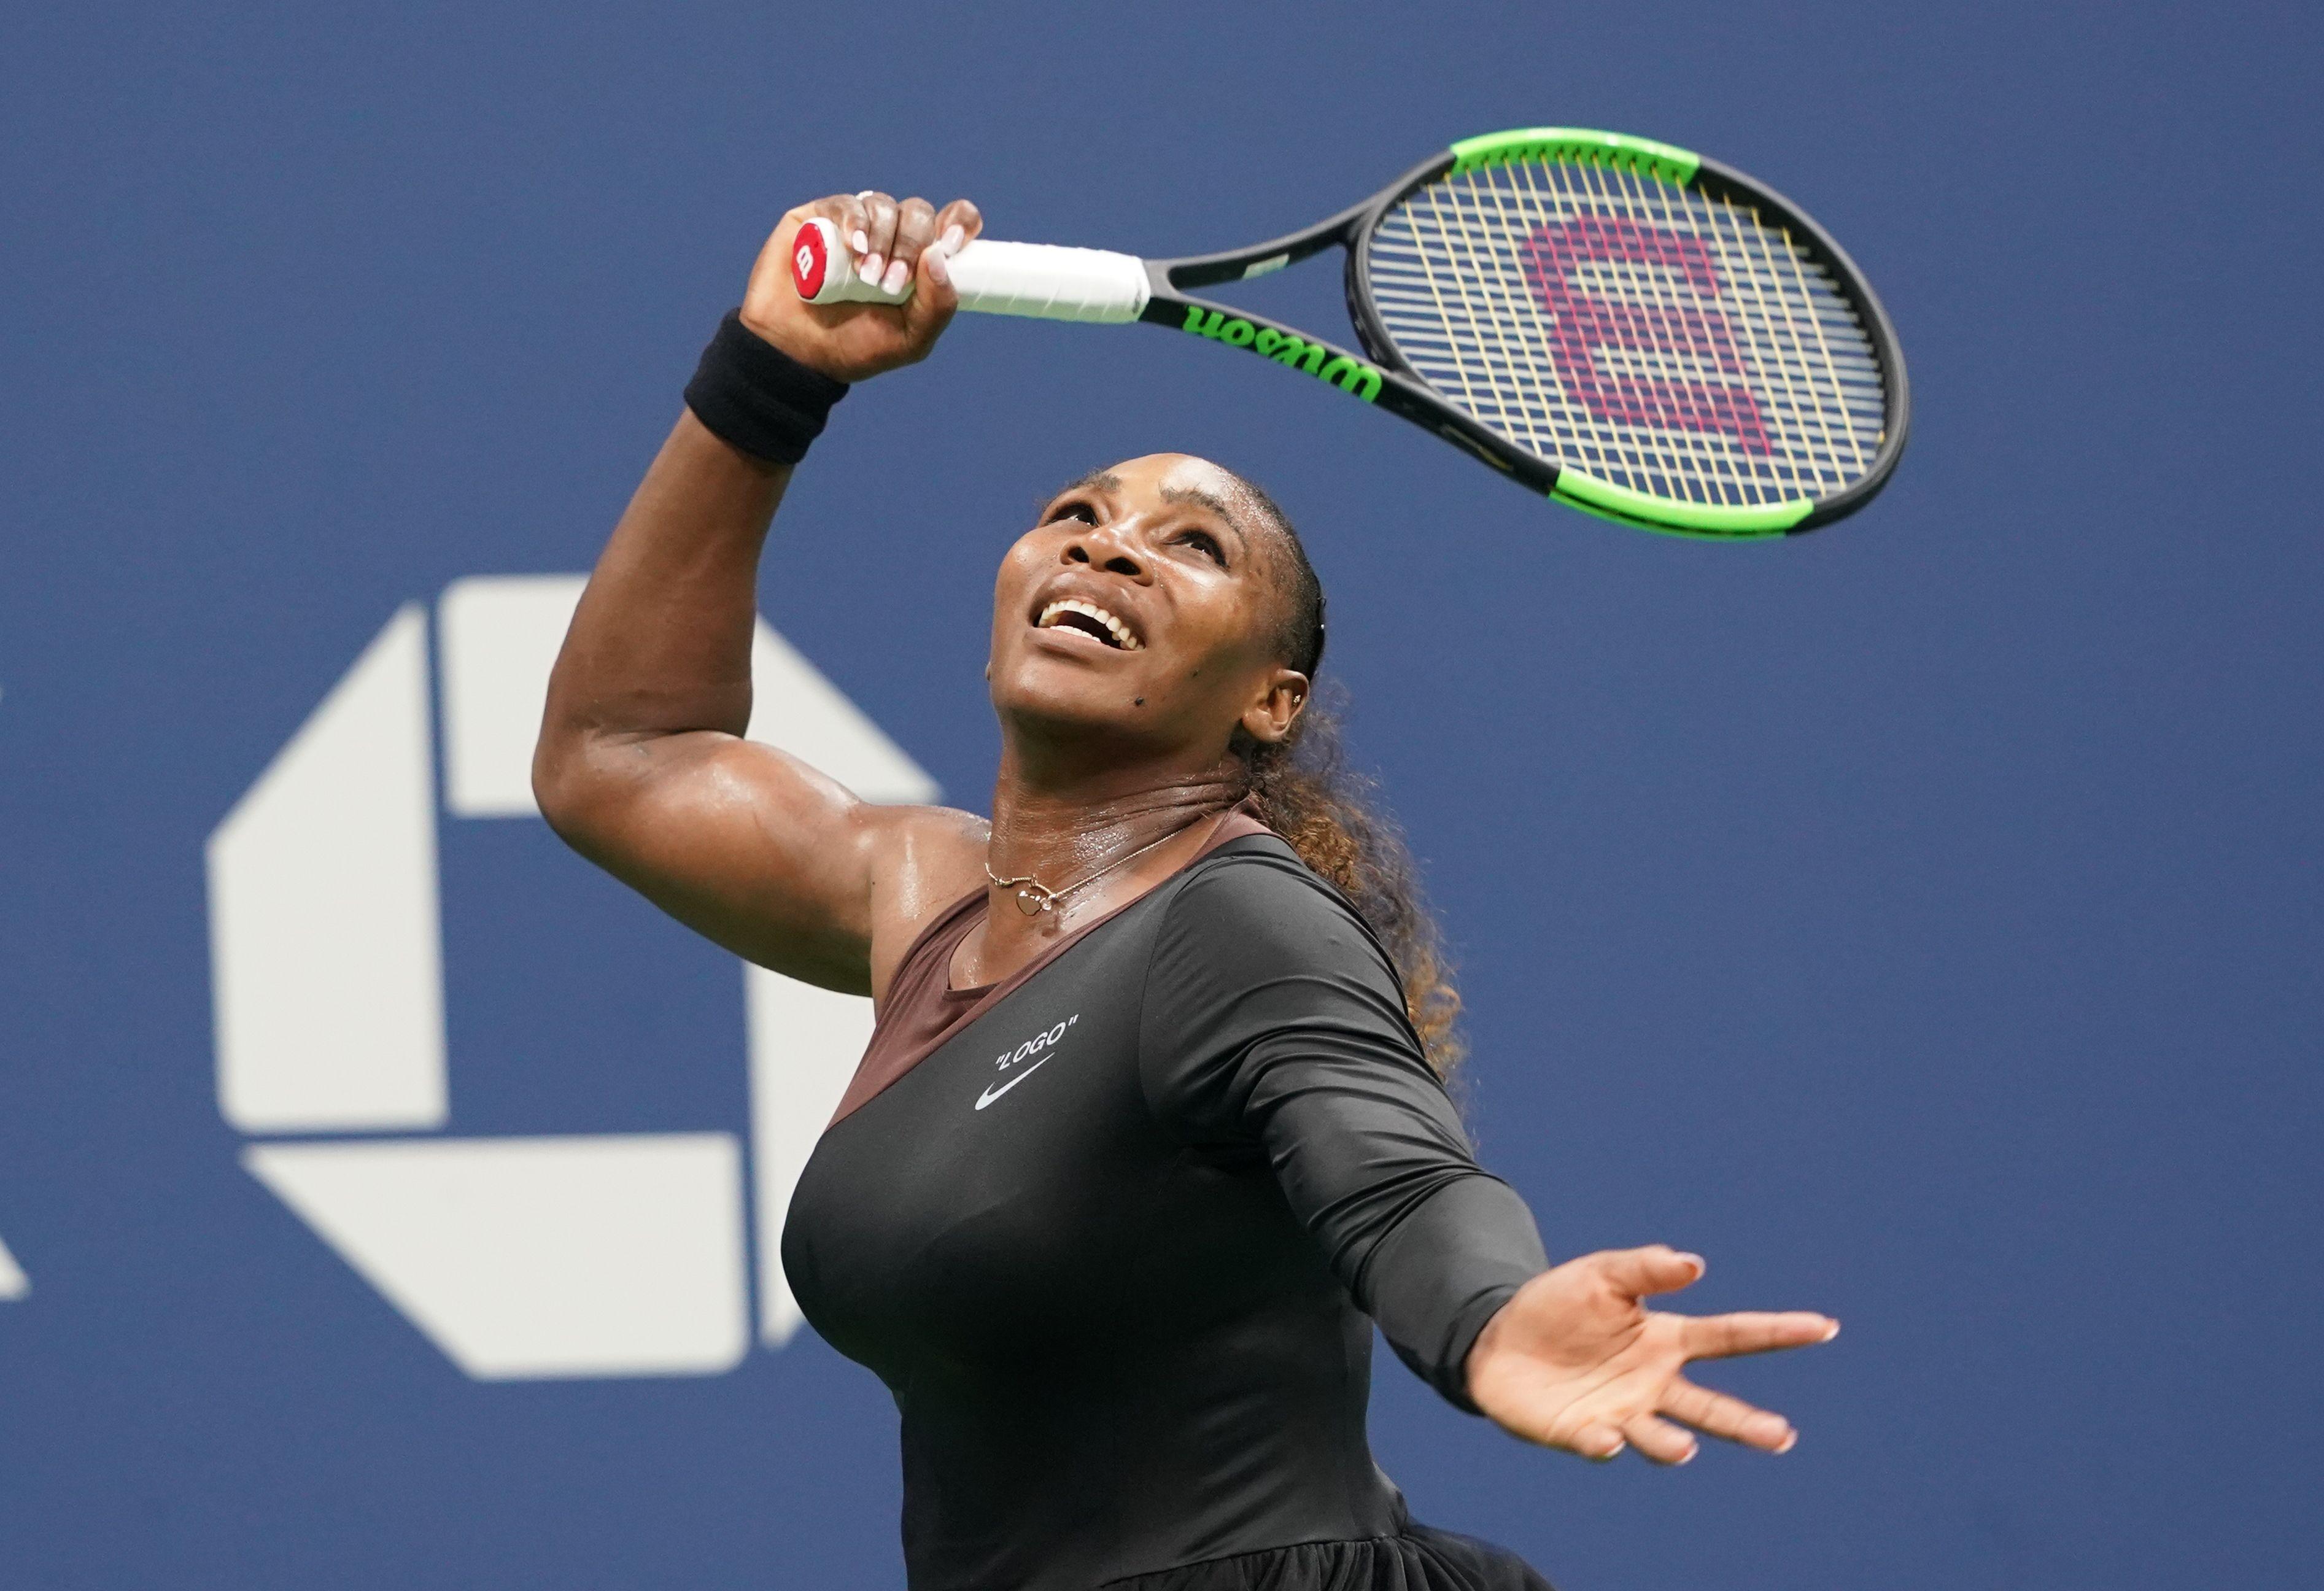 Serena venceu na estreia no US Open